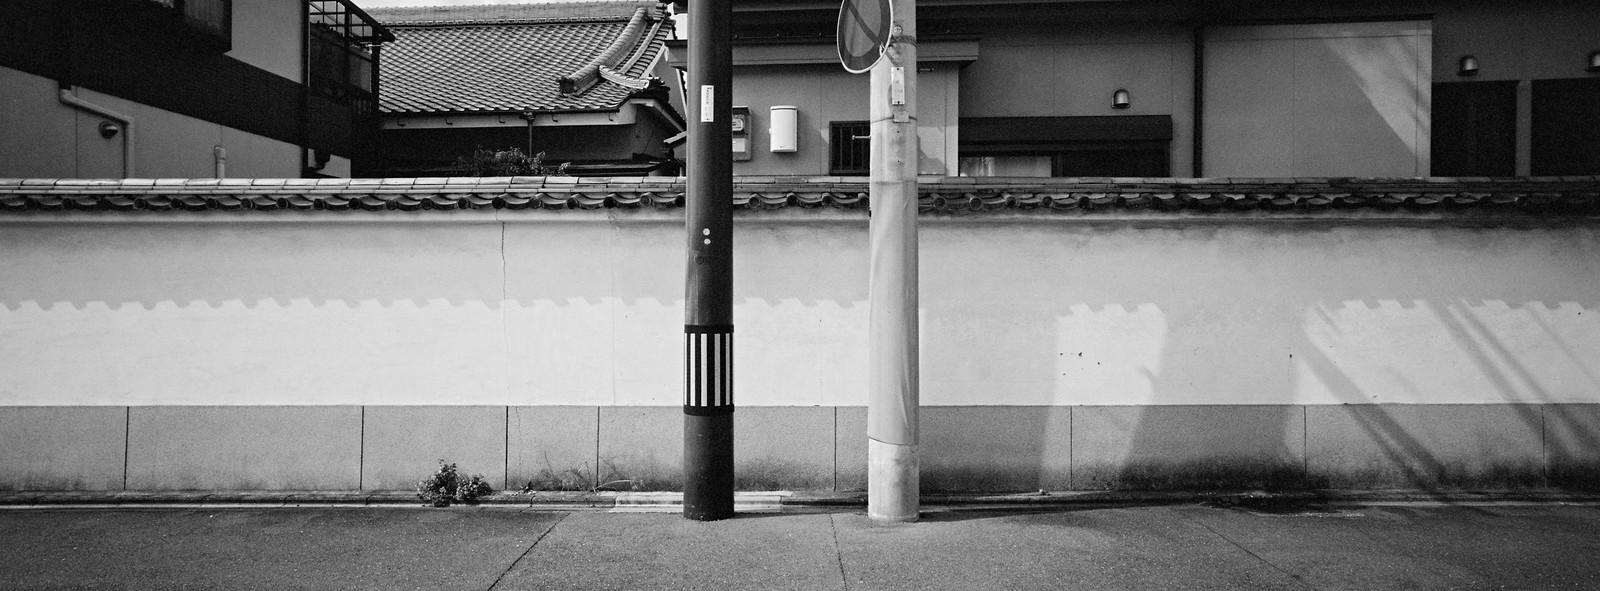 An Empty Street Scene